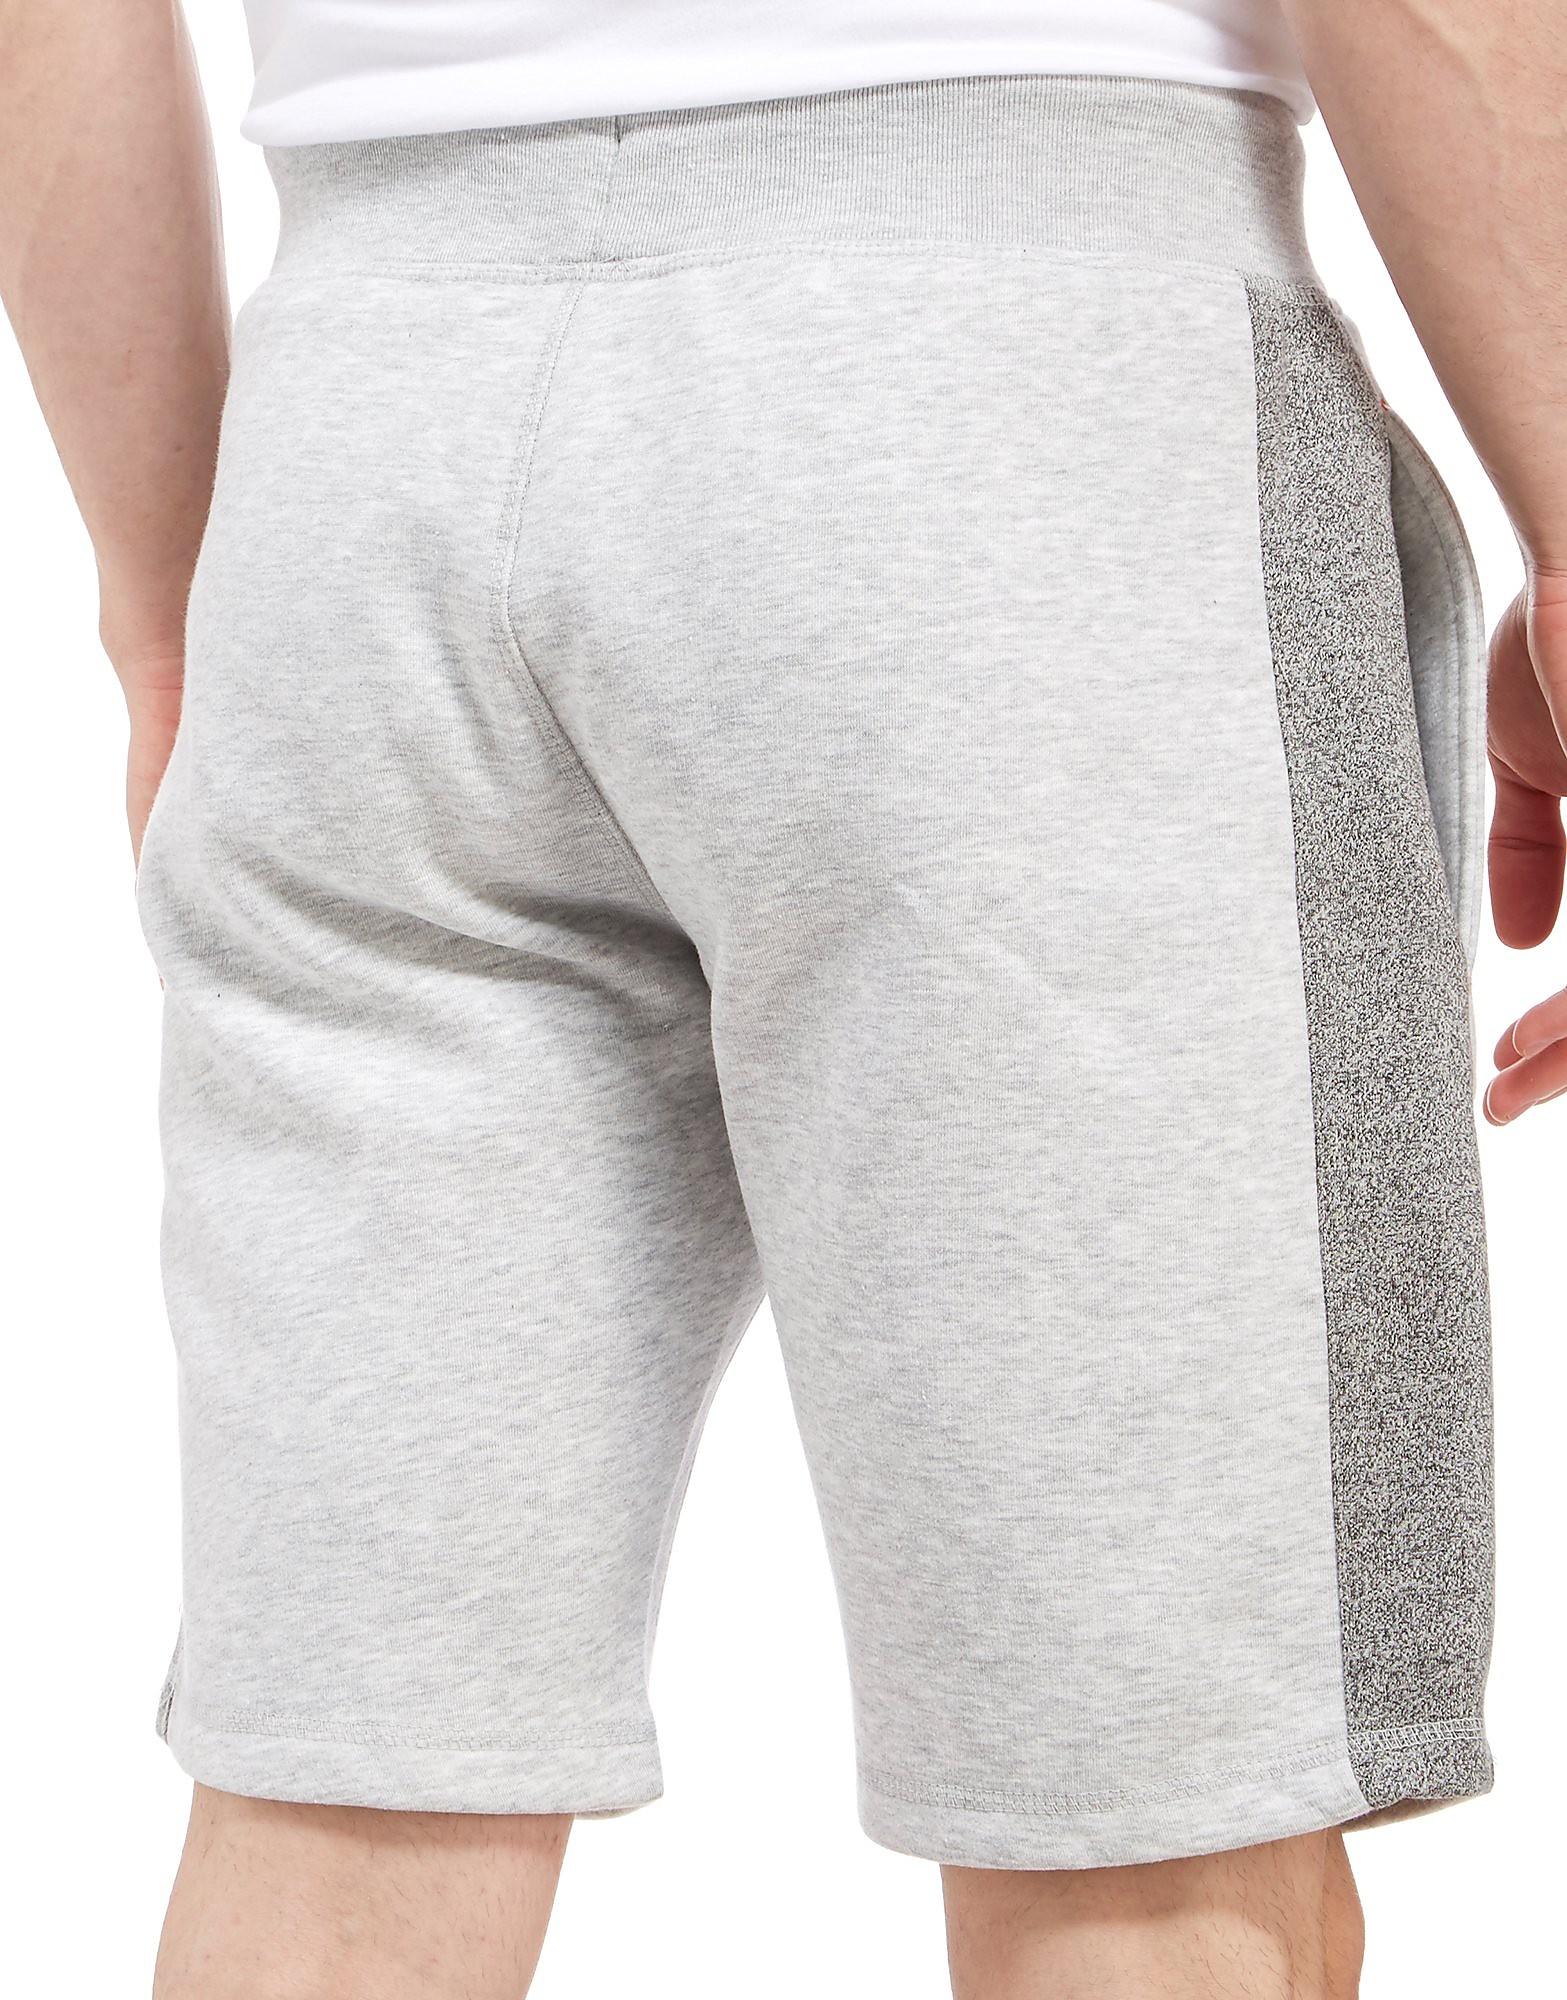 McKenzie Cromar Shorts